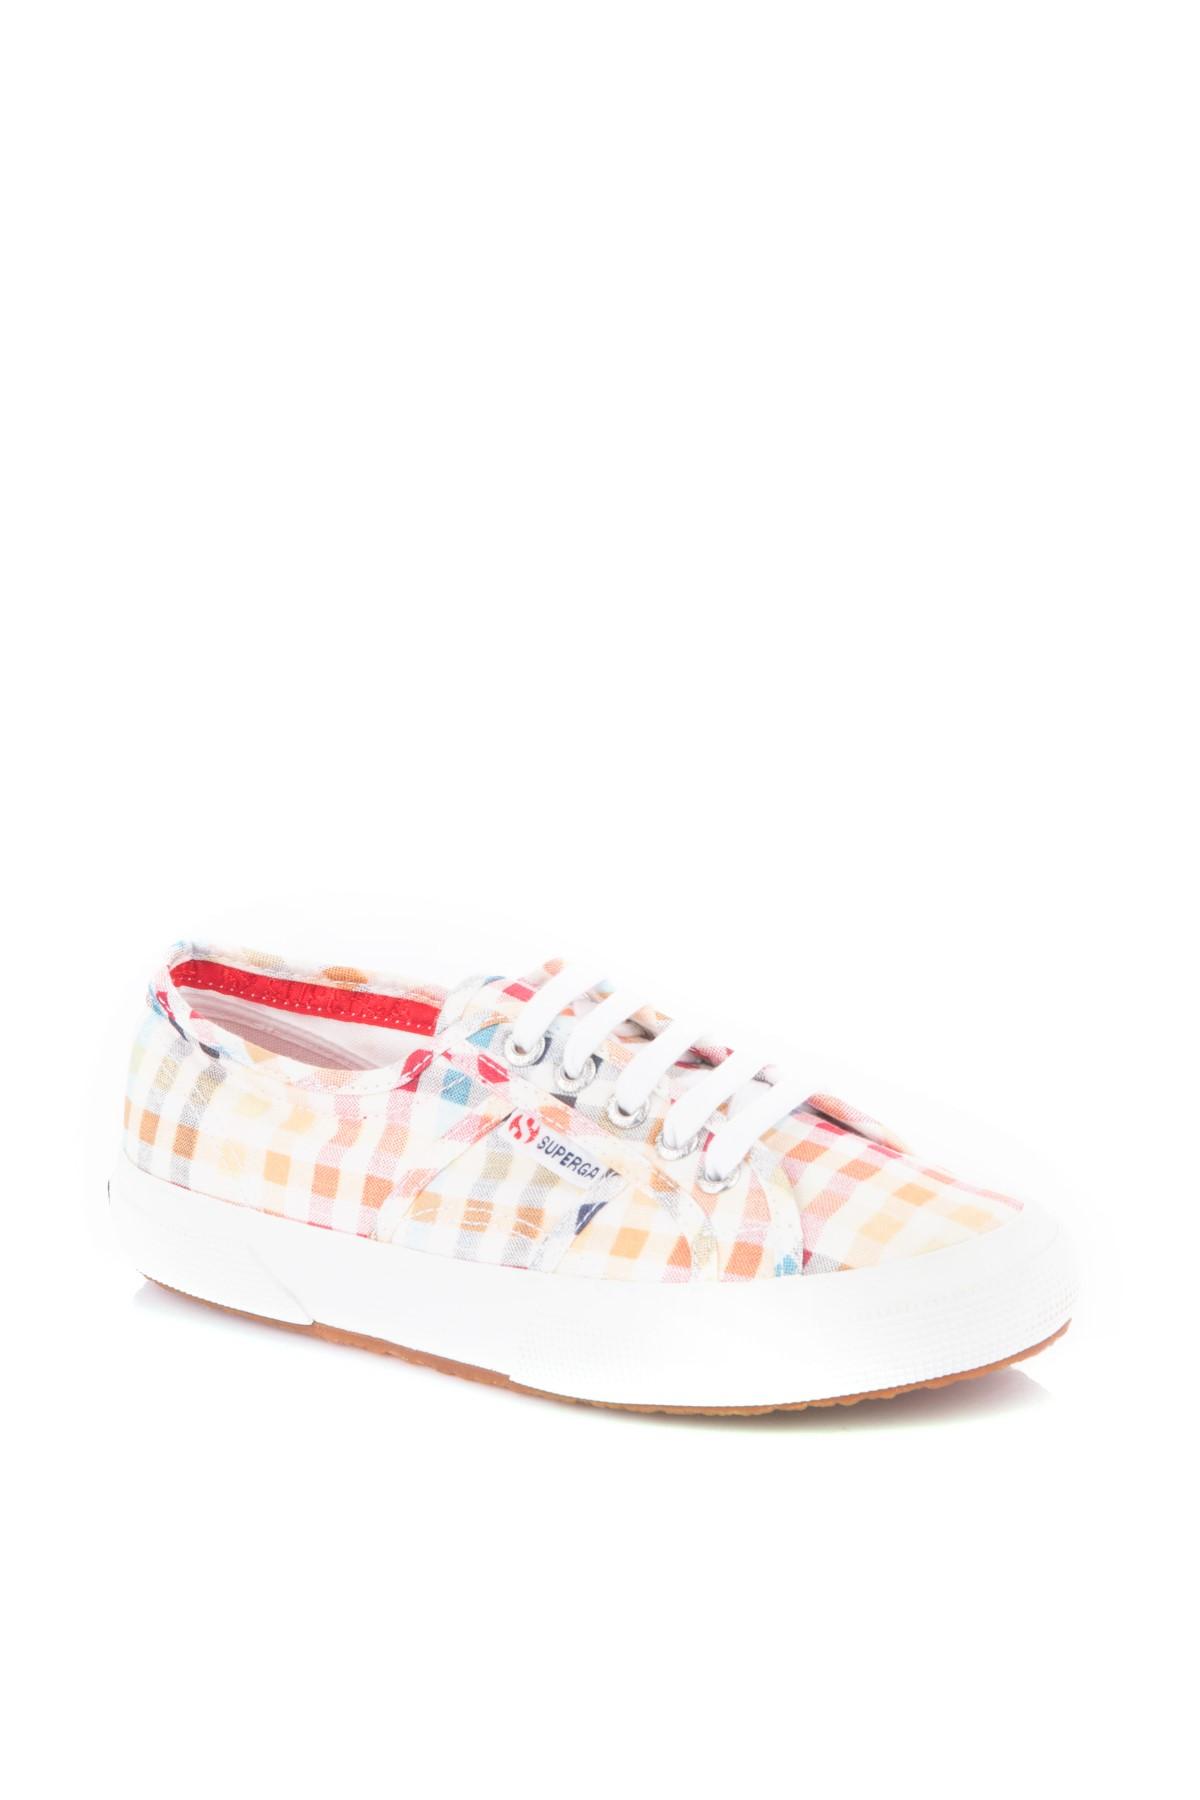 Superga 2750 Cotu Fabric 7 Spor Ayakkabı 1